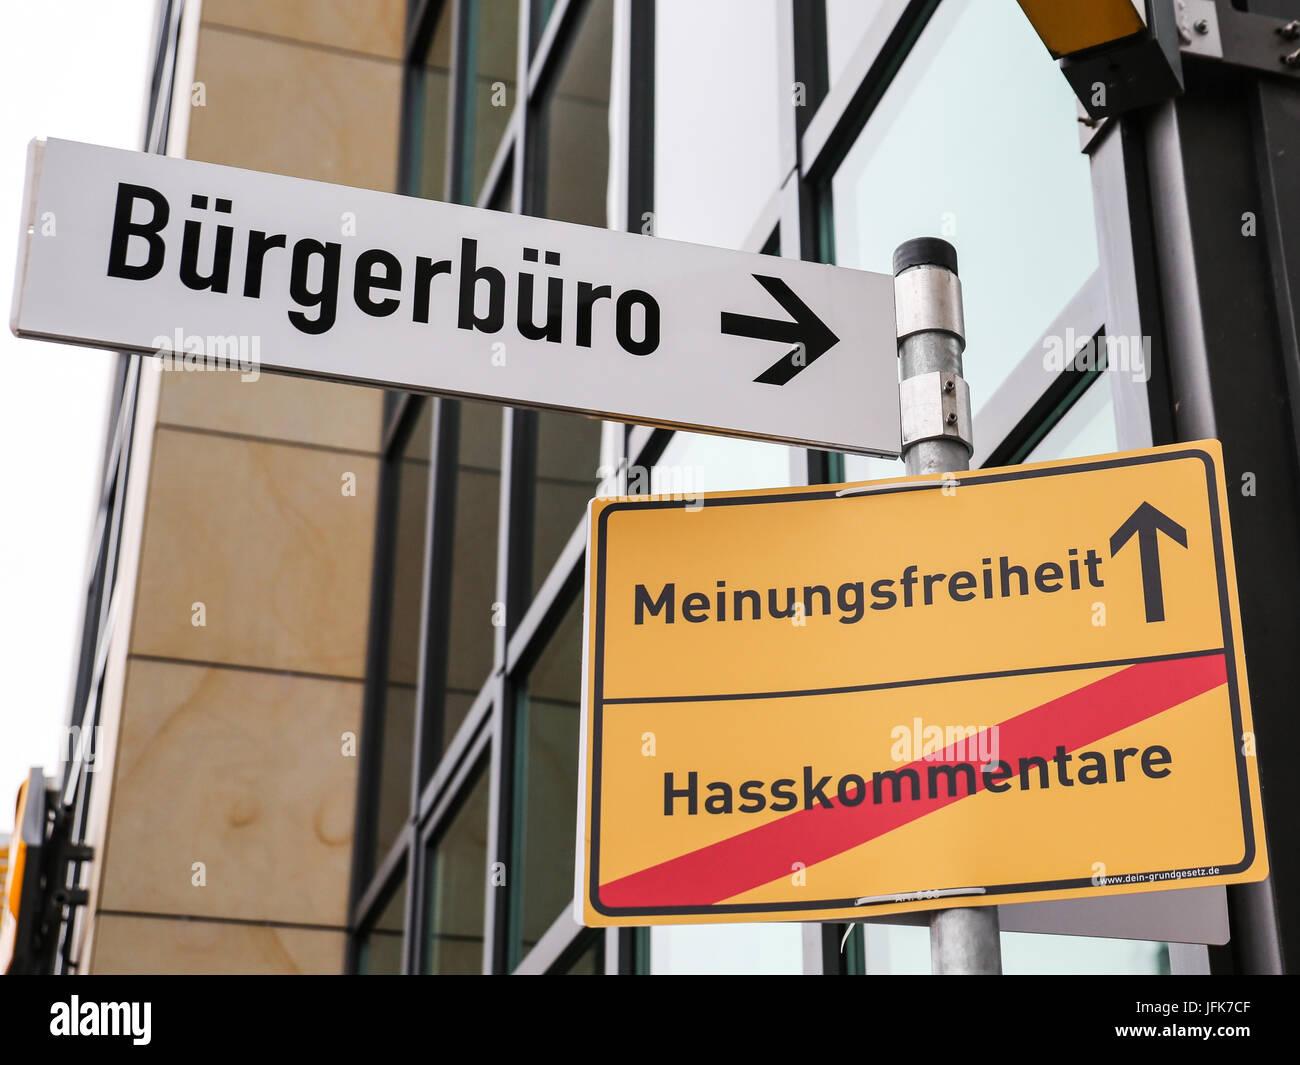 Bürgerbüro,Meinungsfreiheit - Hasskommentare Imagen De Stock